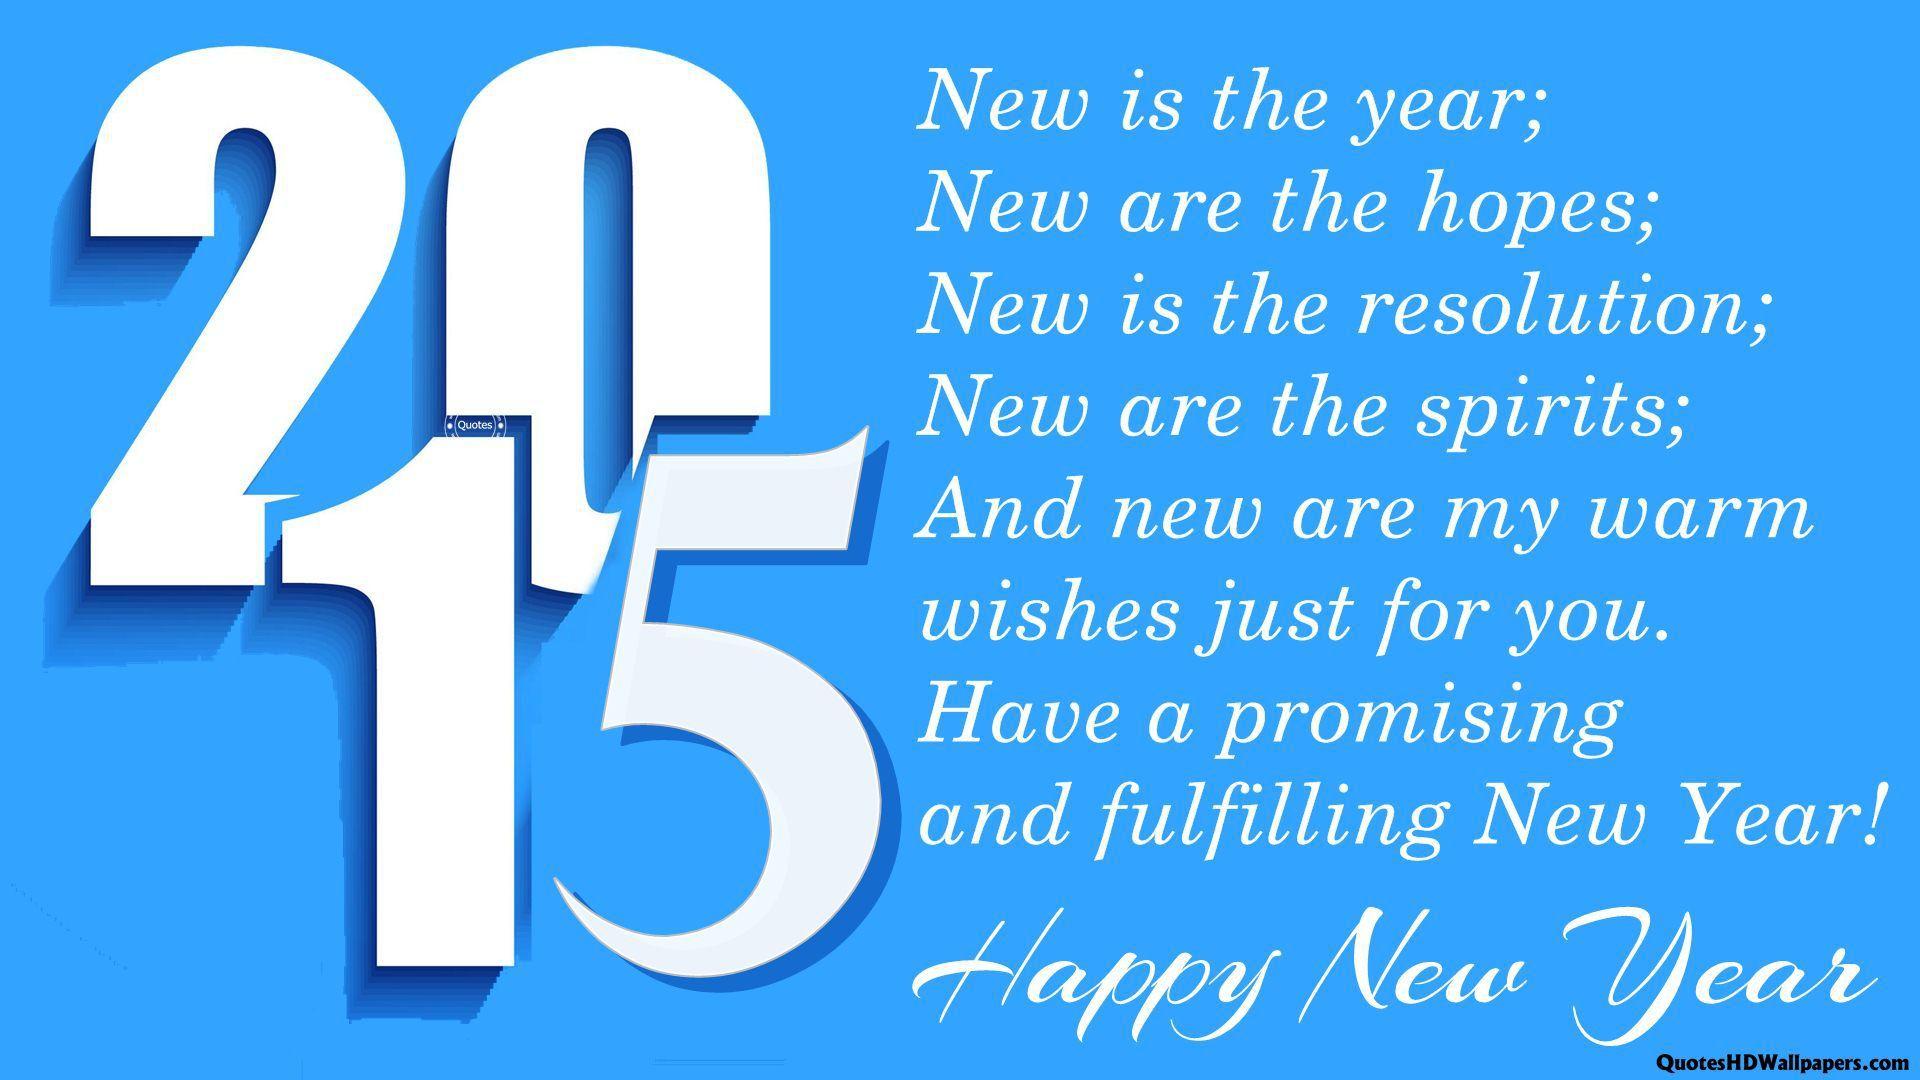 New year 2015 greetings wallpaper wallpapersafari happy new year 2015 greetings wallpaper 6717 wallpaper computer 1920x1080 m4hsunfo